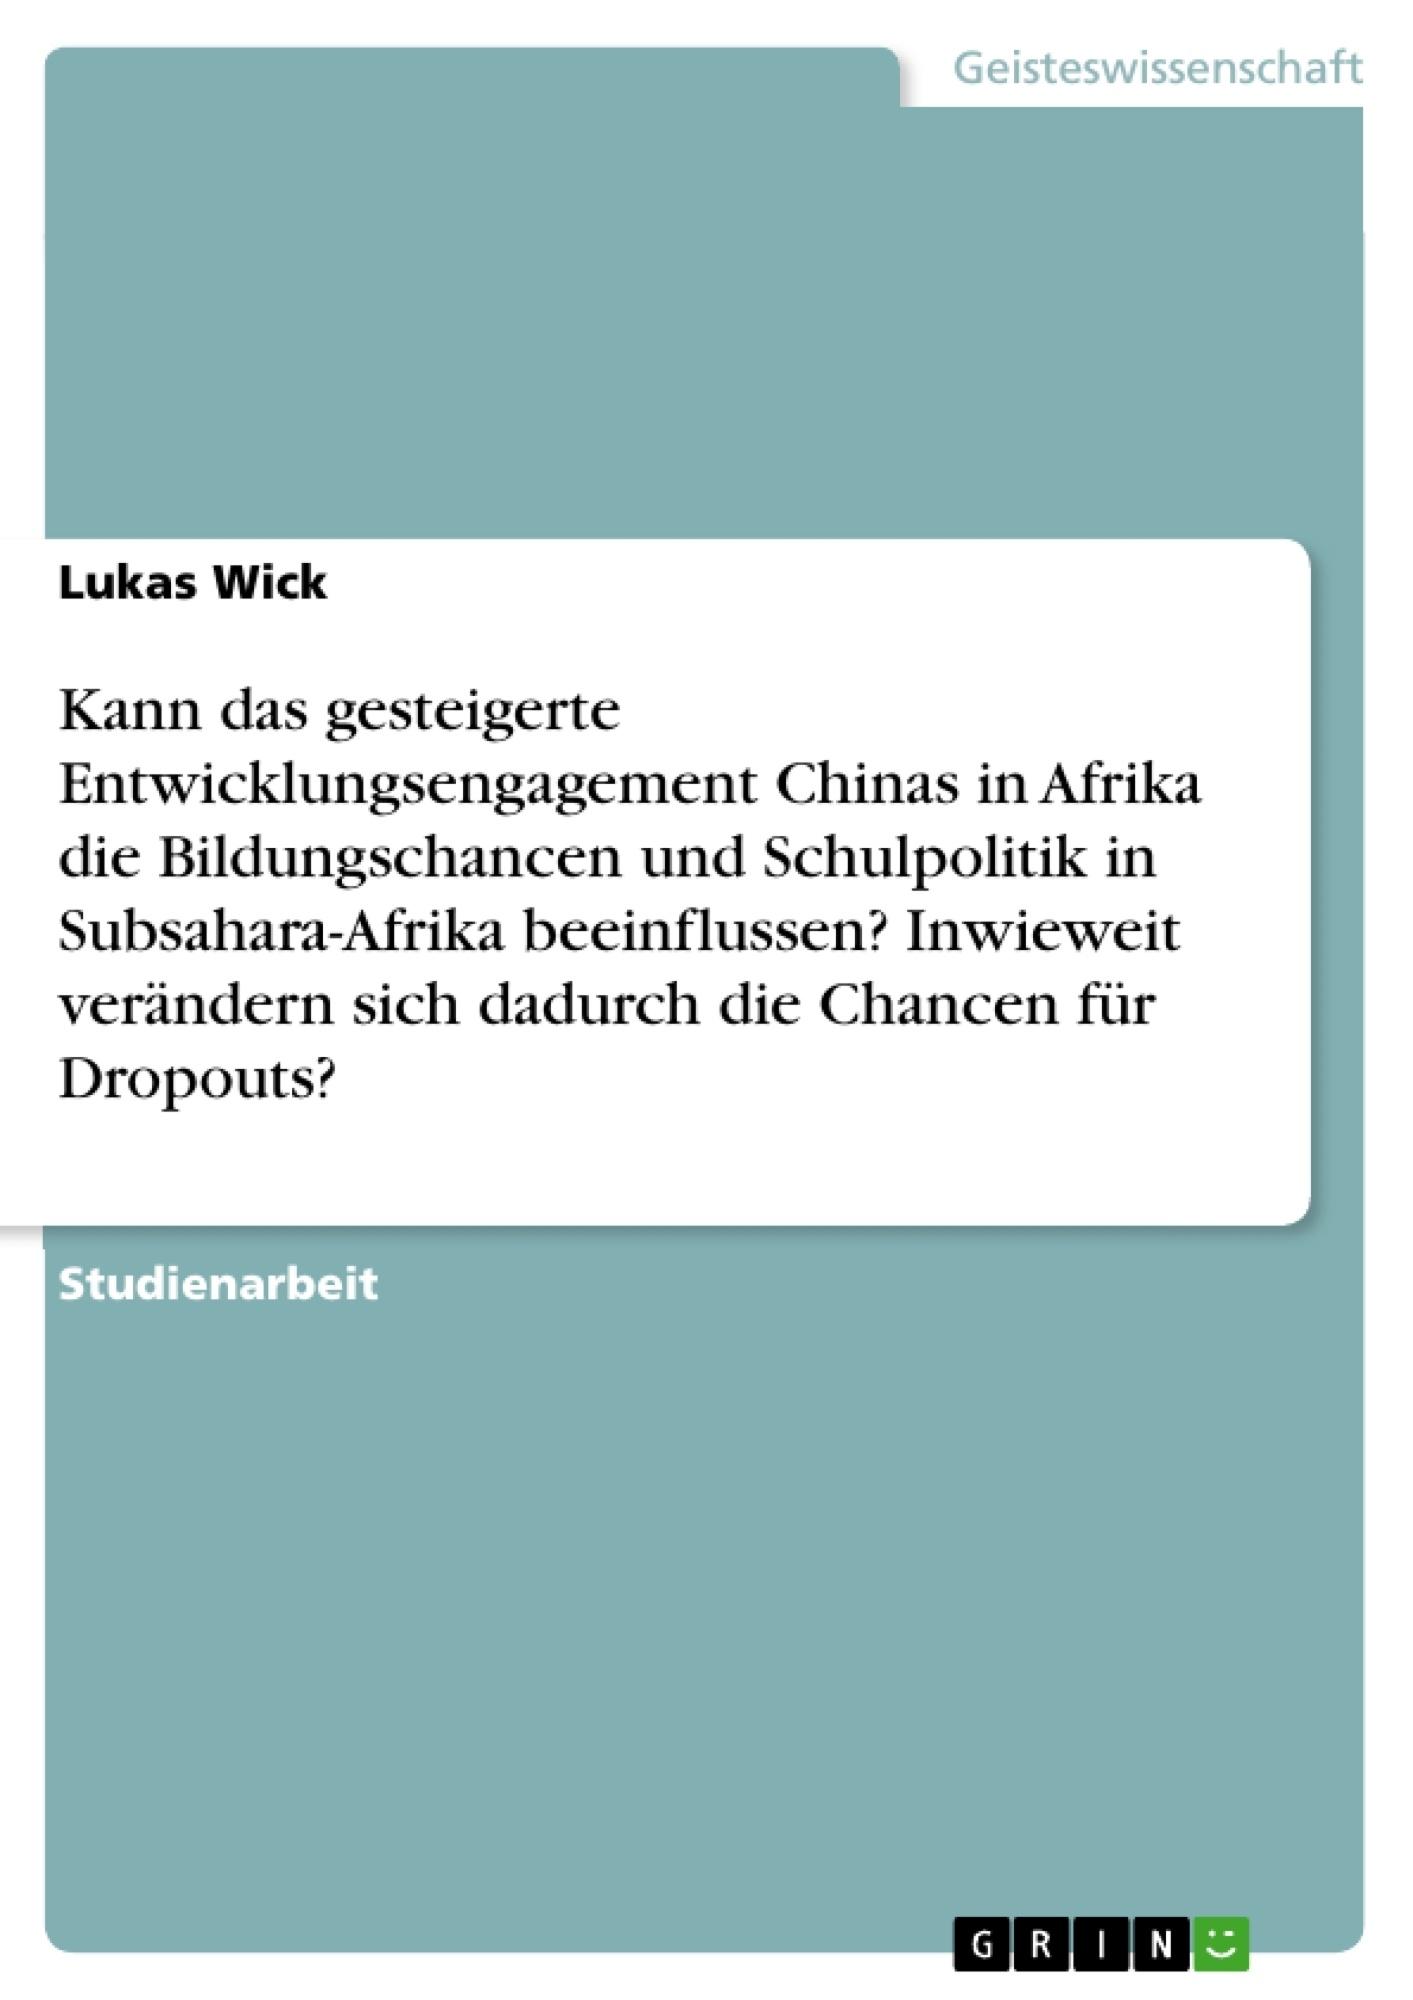 Titel: Kann das gesteigerte Entwicklungsengagement Chinas in Afrika die Bildungschancen und Schulpolitik in Subsahara-Afrika beeinflussen? Inwieweit verändern sich dadurch die Chancen für Dropouts?